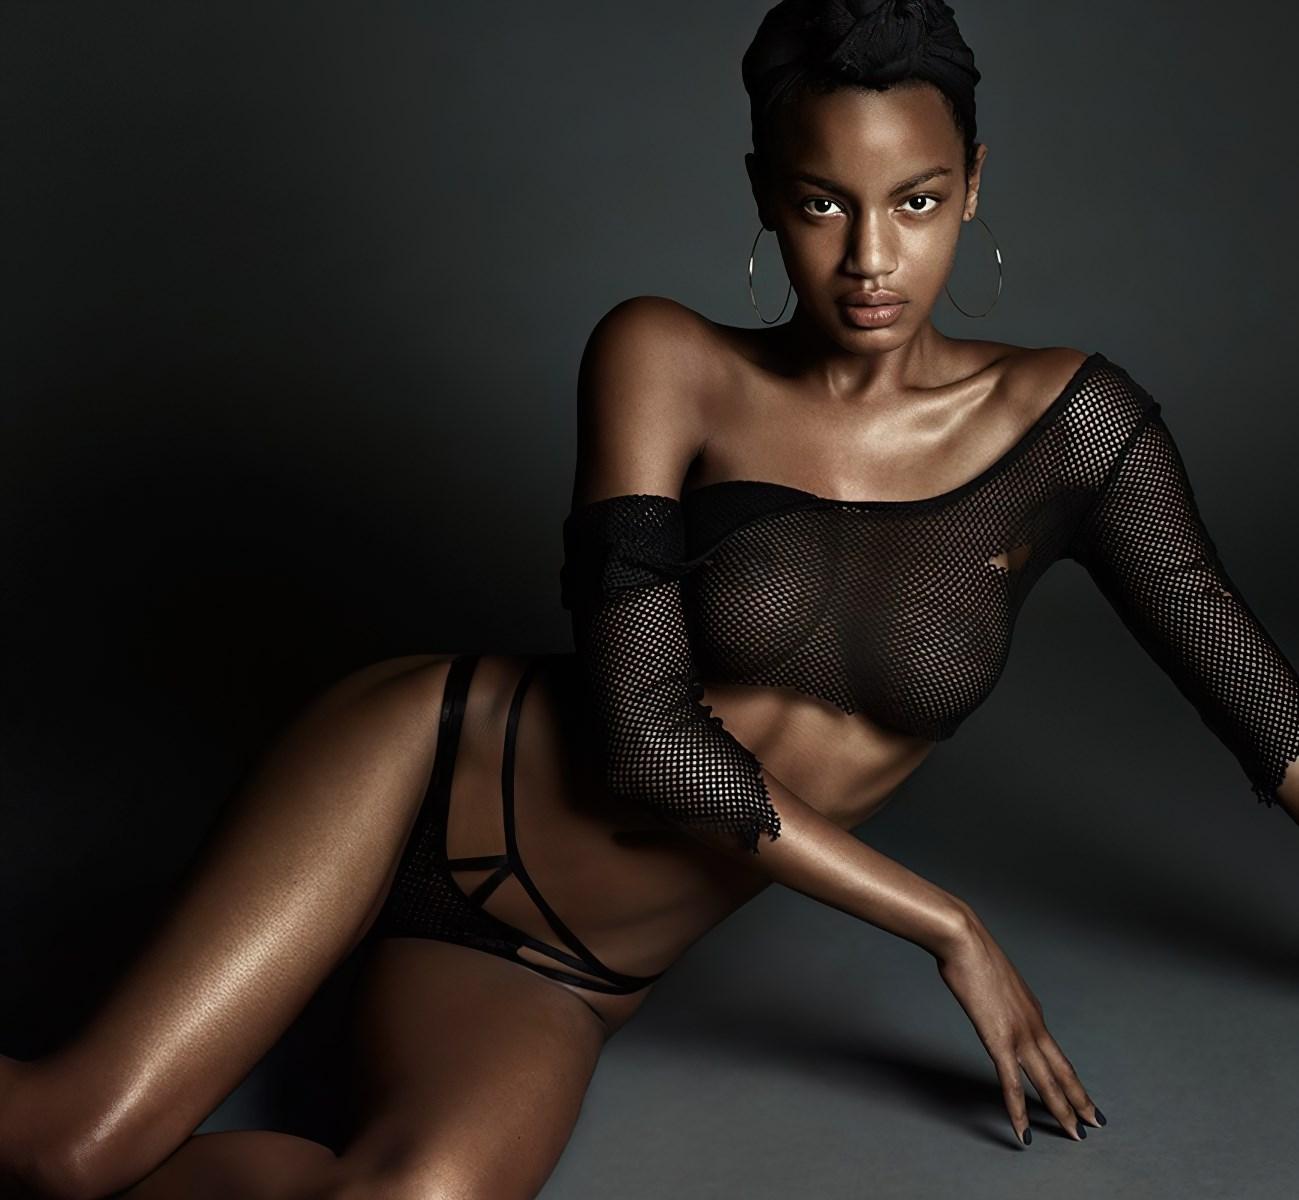 Ebonee Davis Nude Ultimate Compilation